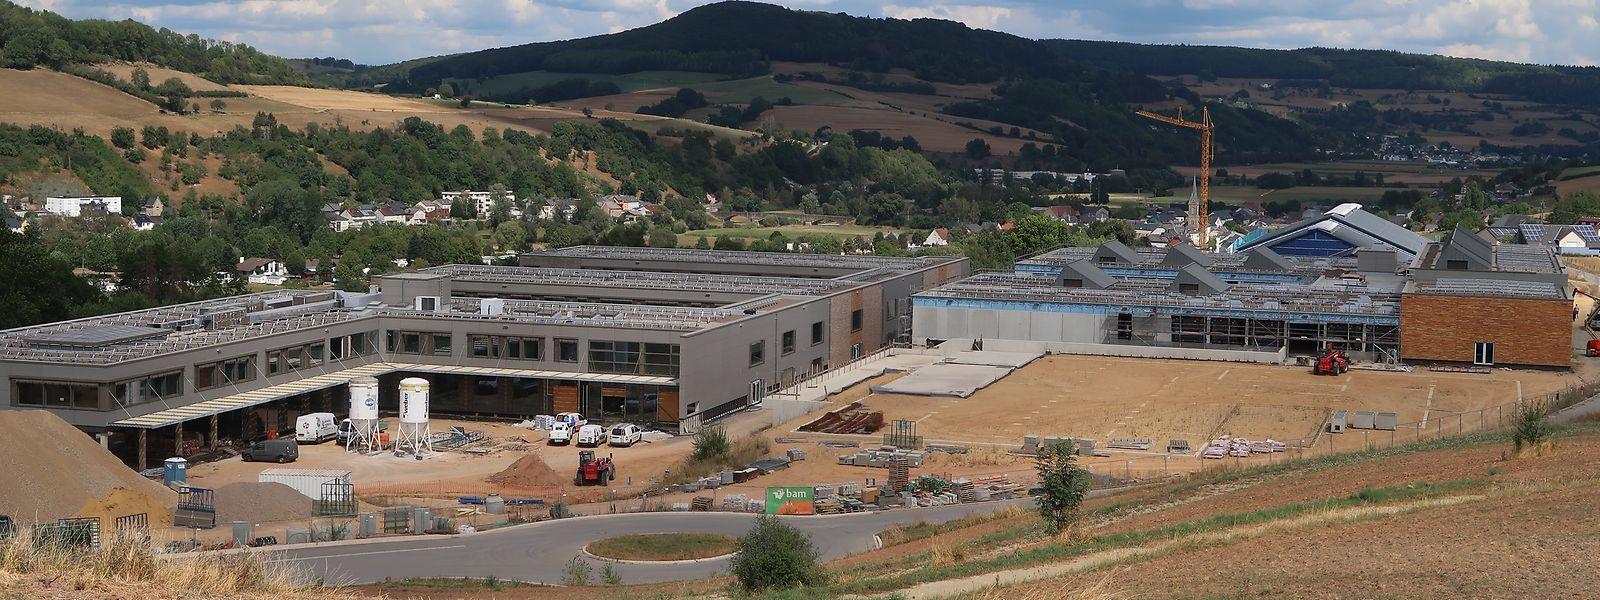 Die neue Ackerbauschule ist Am Kréiwénkel oberhalb Gilsdorf angesiedelt.